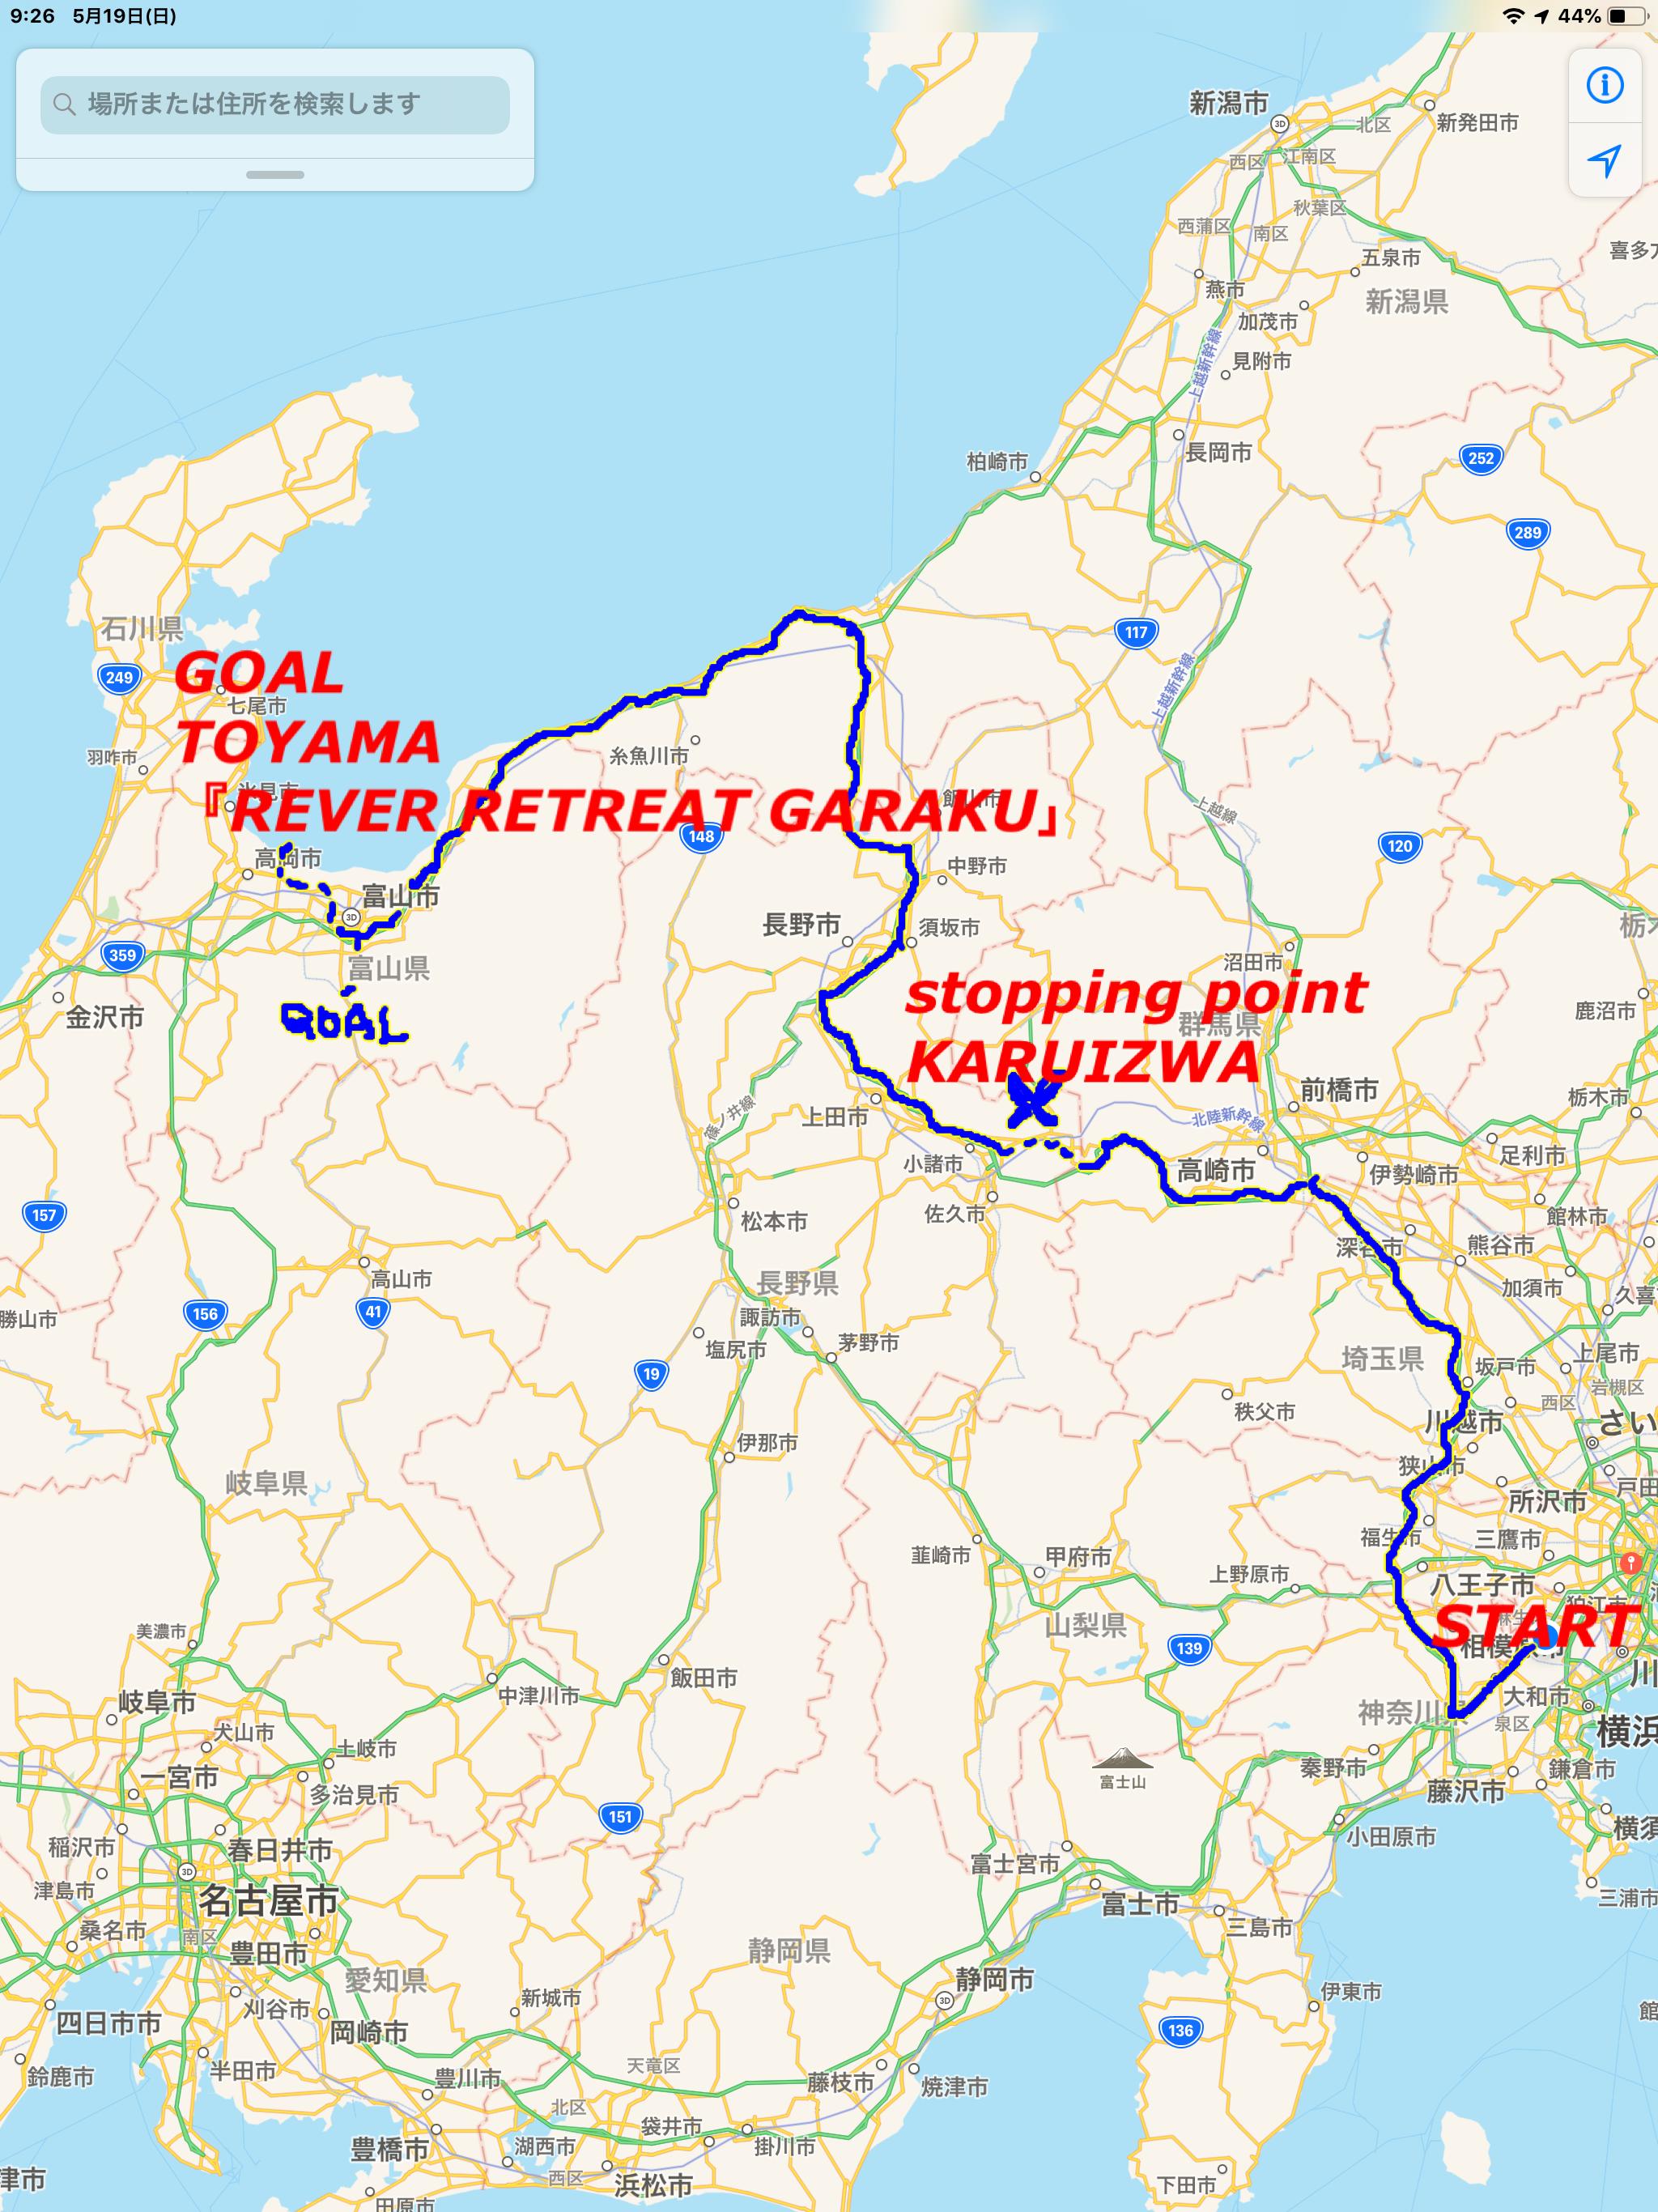 2019年5月 軽井沢〜富山ドライブ旅行 アウトランダーPHEV